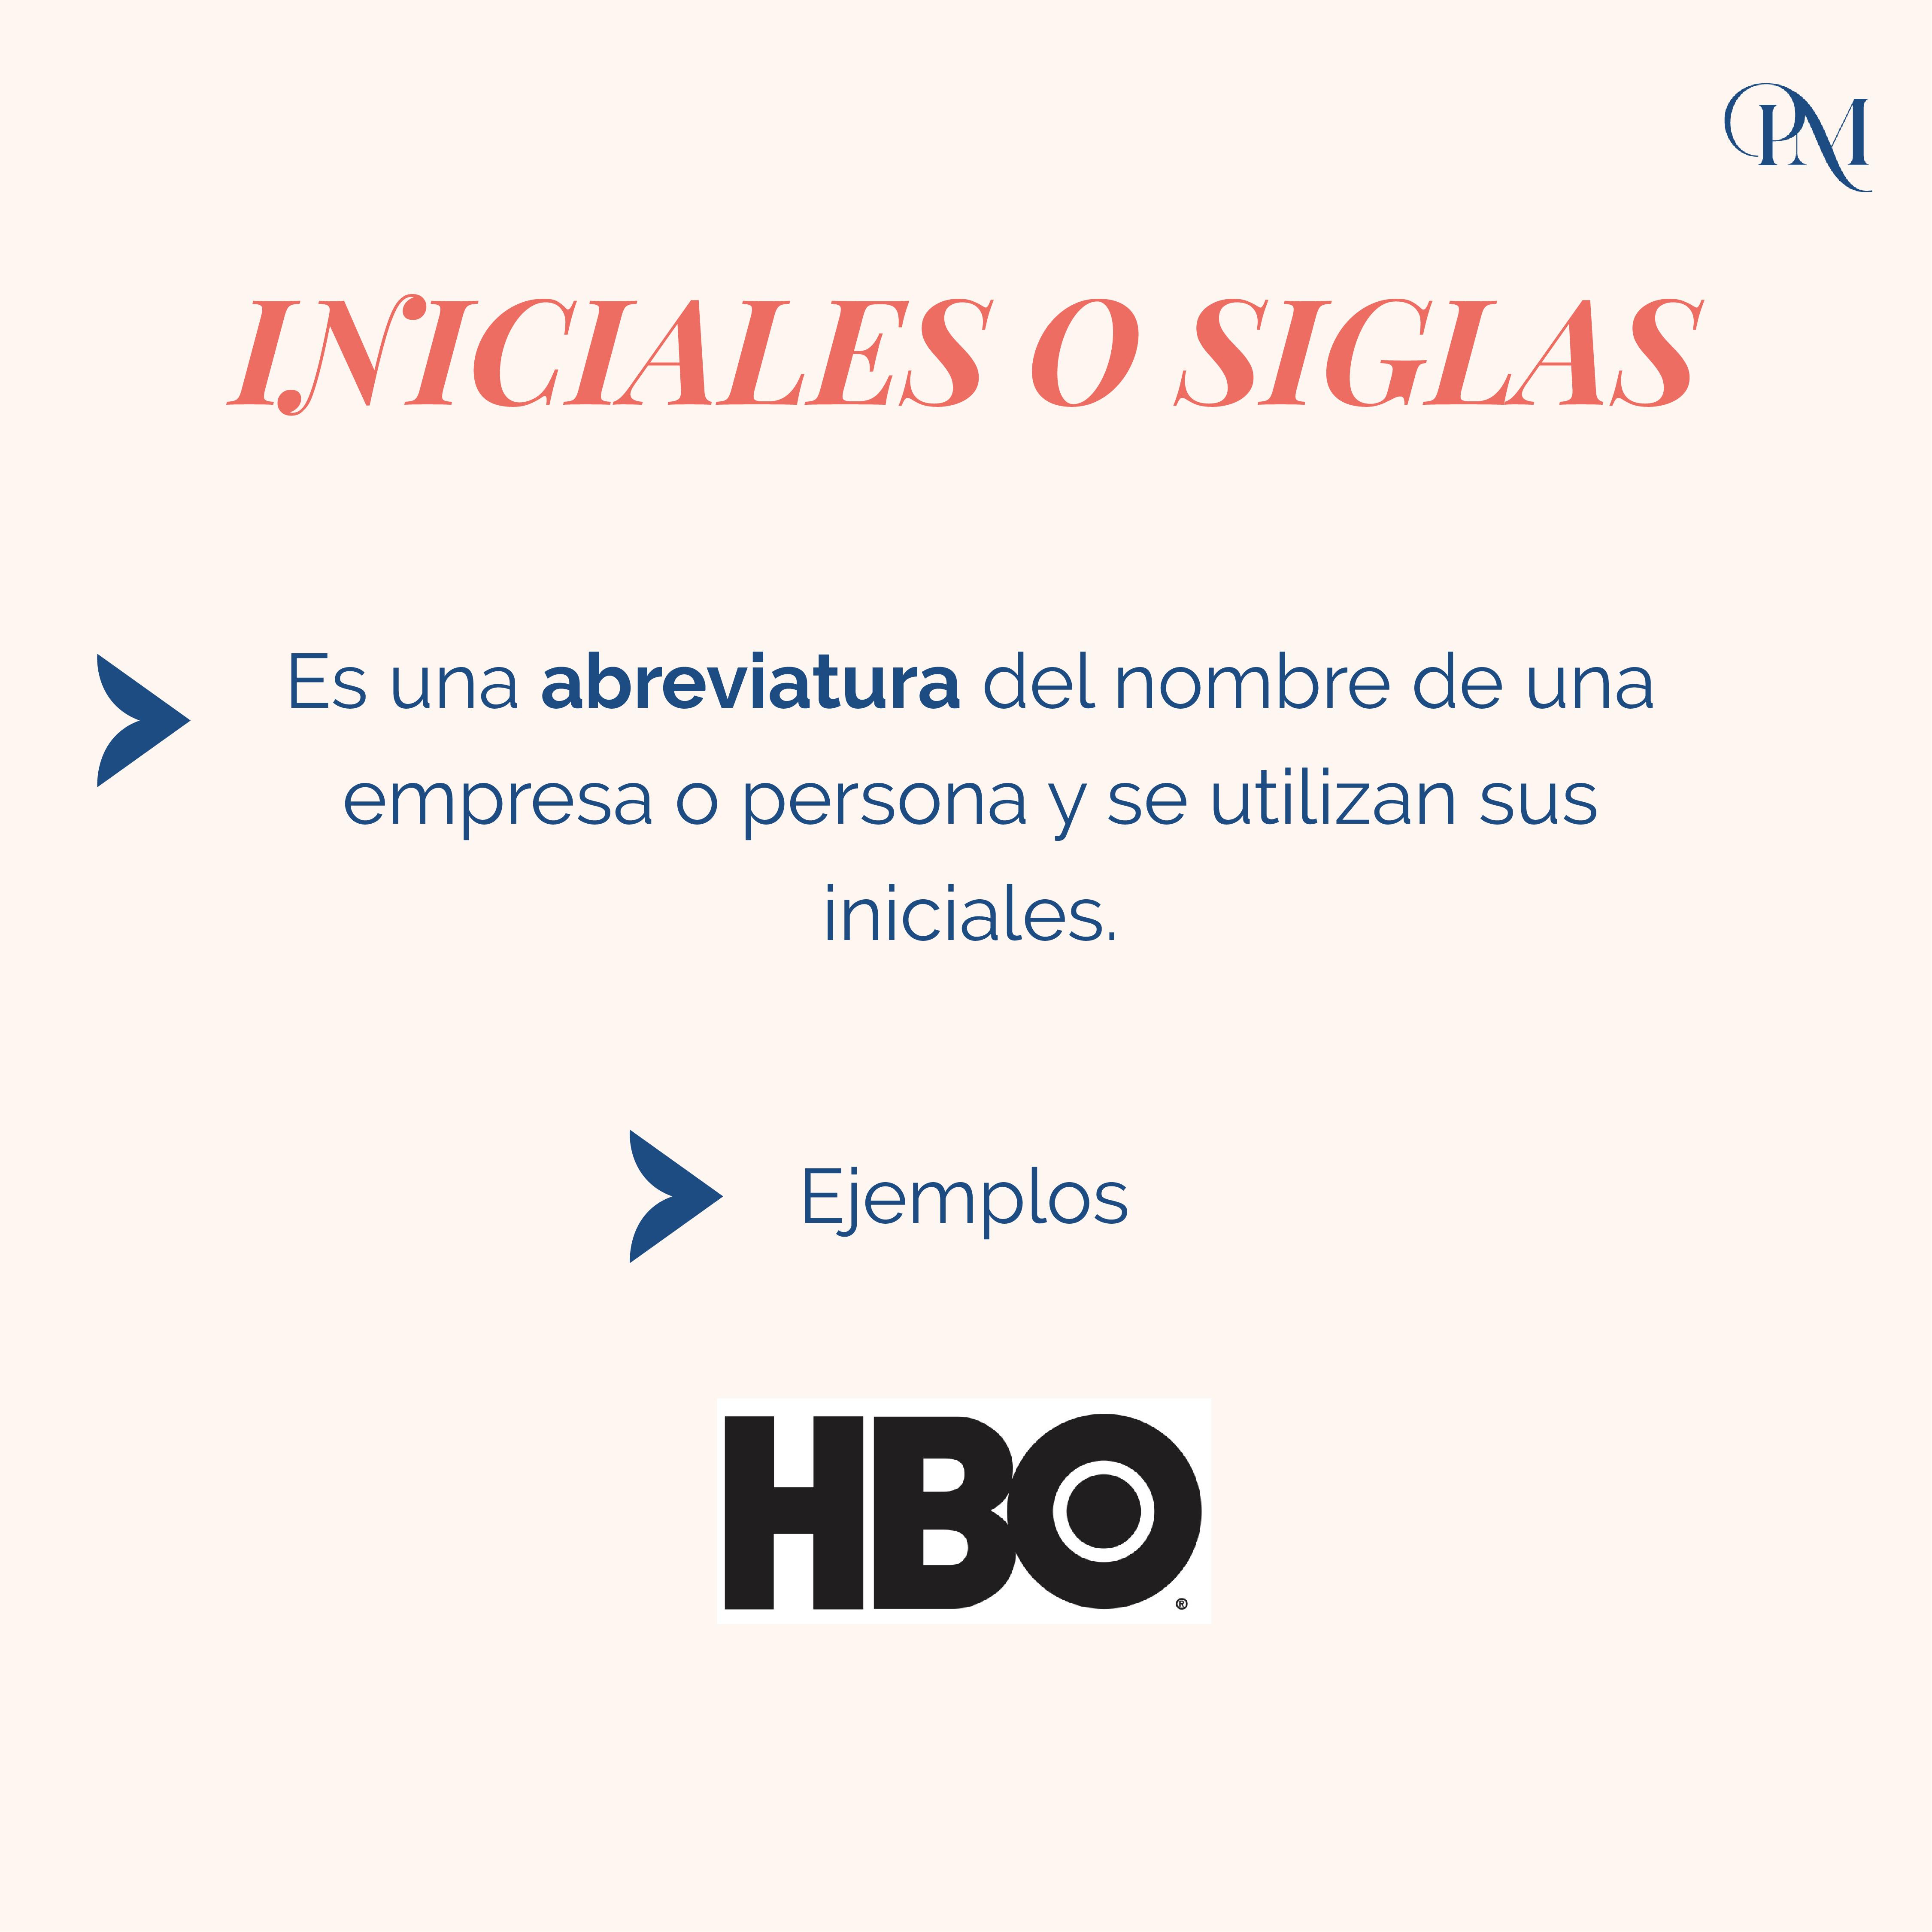 TIPOS DE LOGO - INICIALES